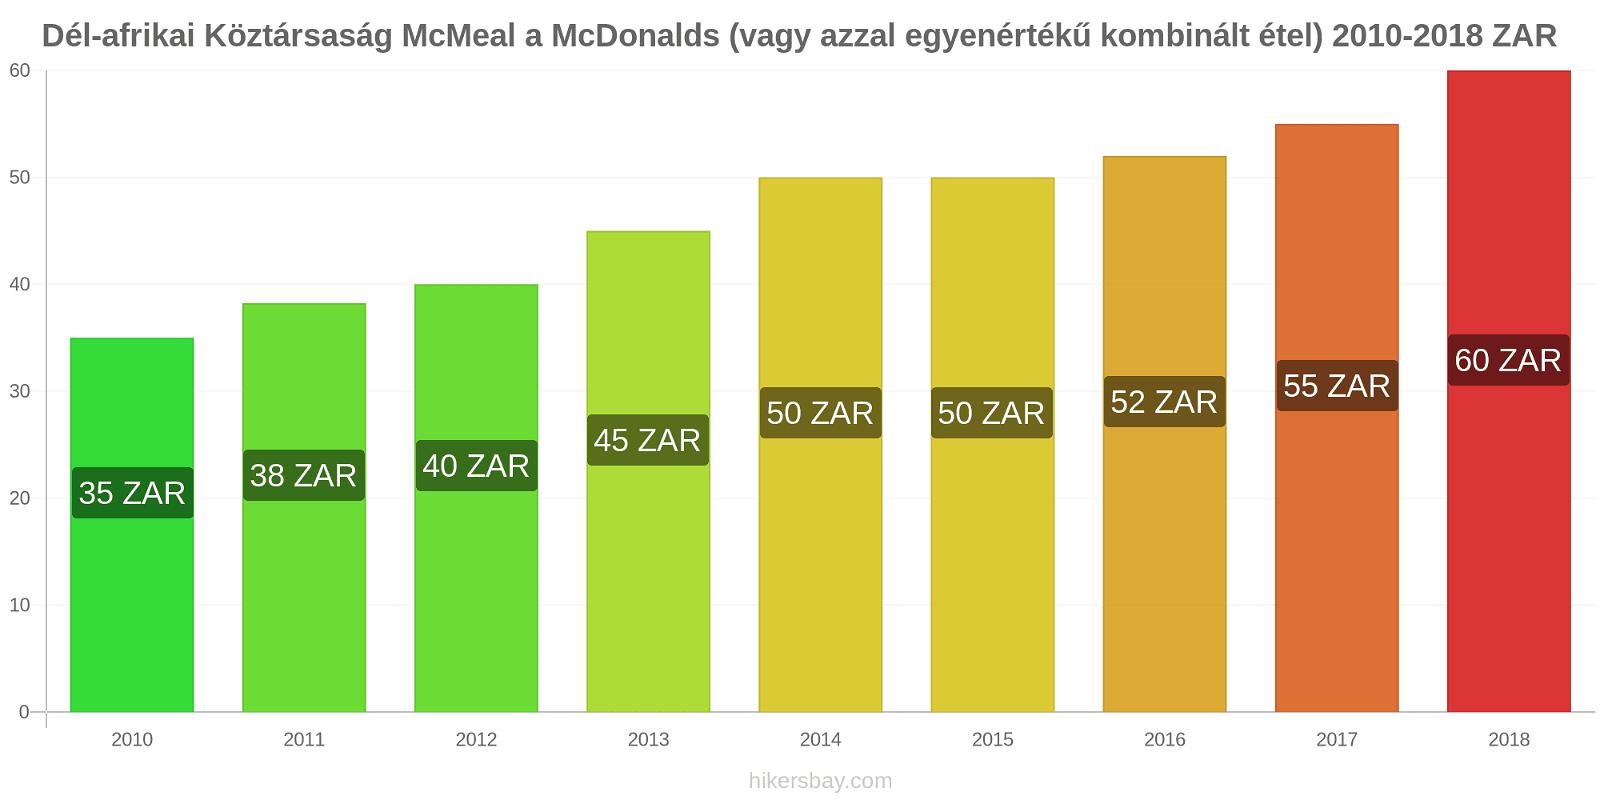 Dél-afrikai Köztársaság árváltozások McMeal a McDonalds (vagy azzal egyenértékű kombinált étel) hikersbay.com